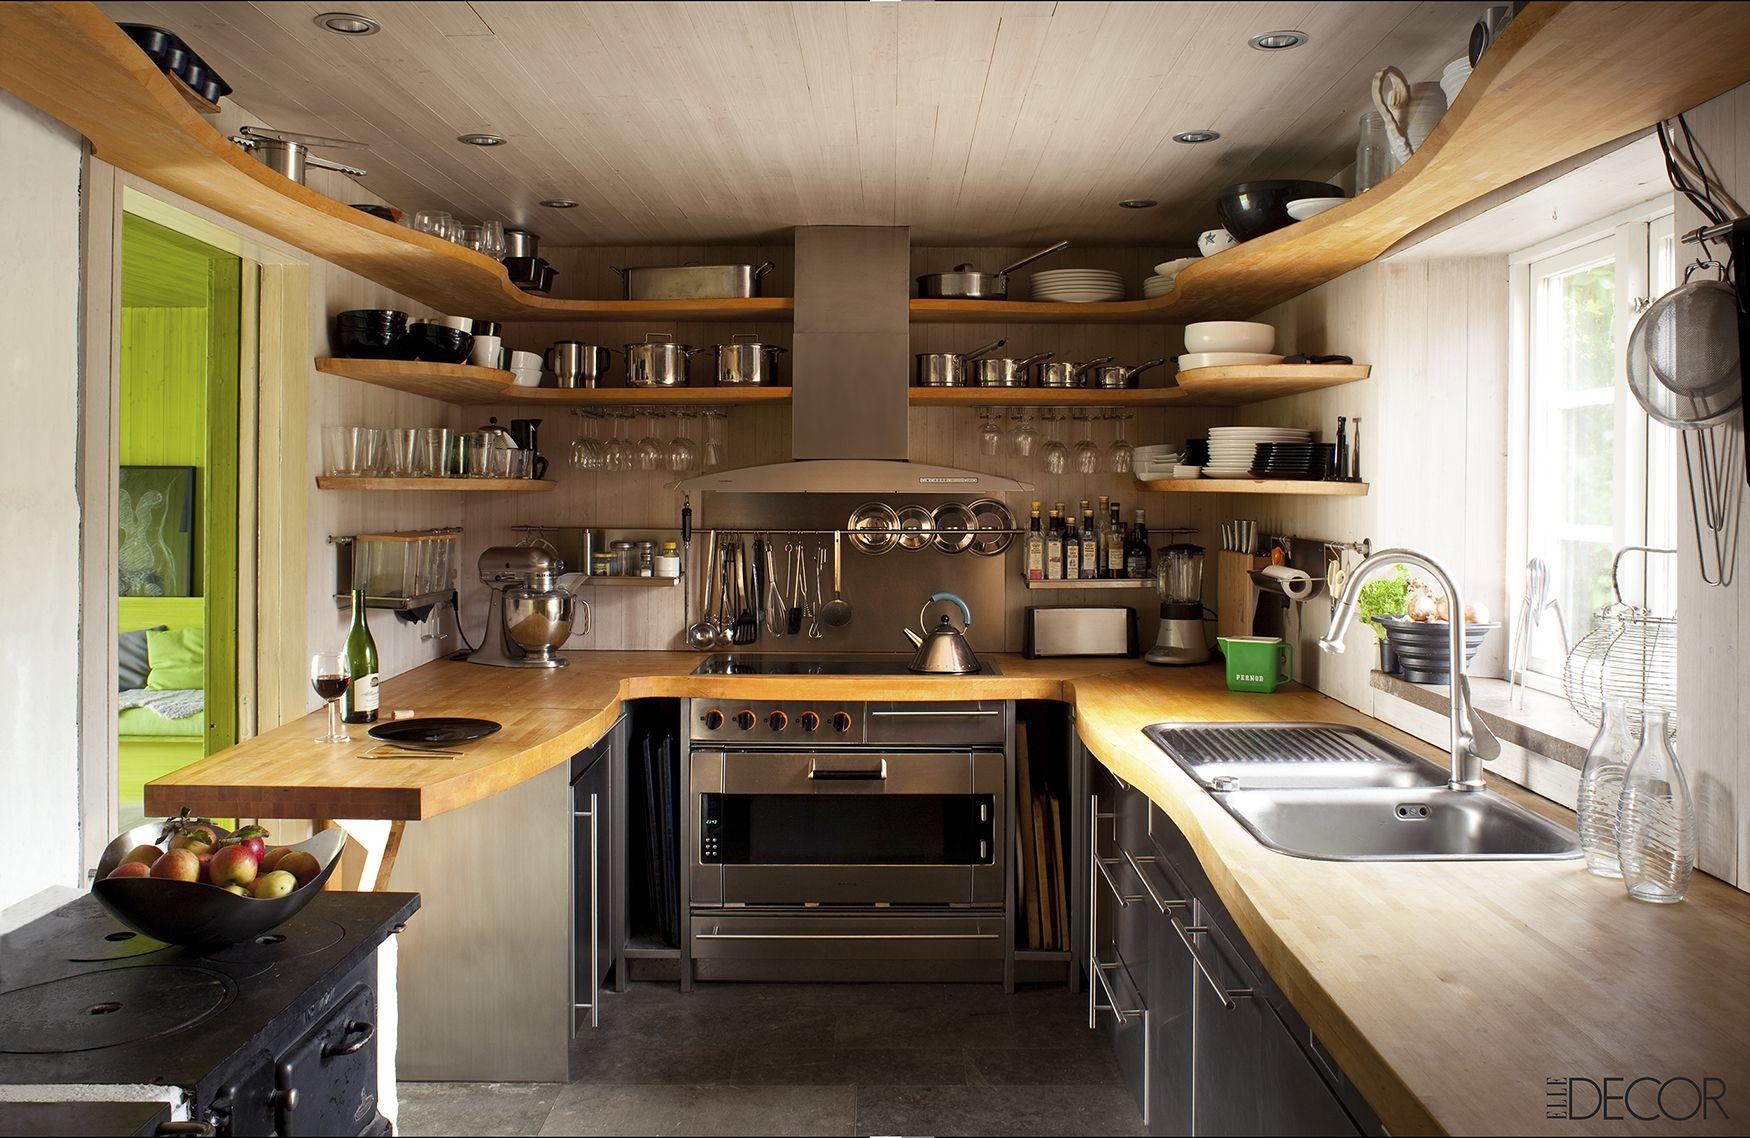 دکوتراپی آشپزخانه و اهمیت دکوراسیون آشپزخانه